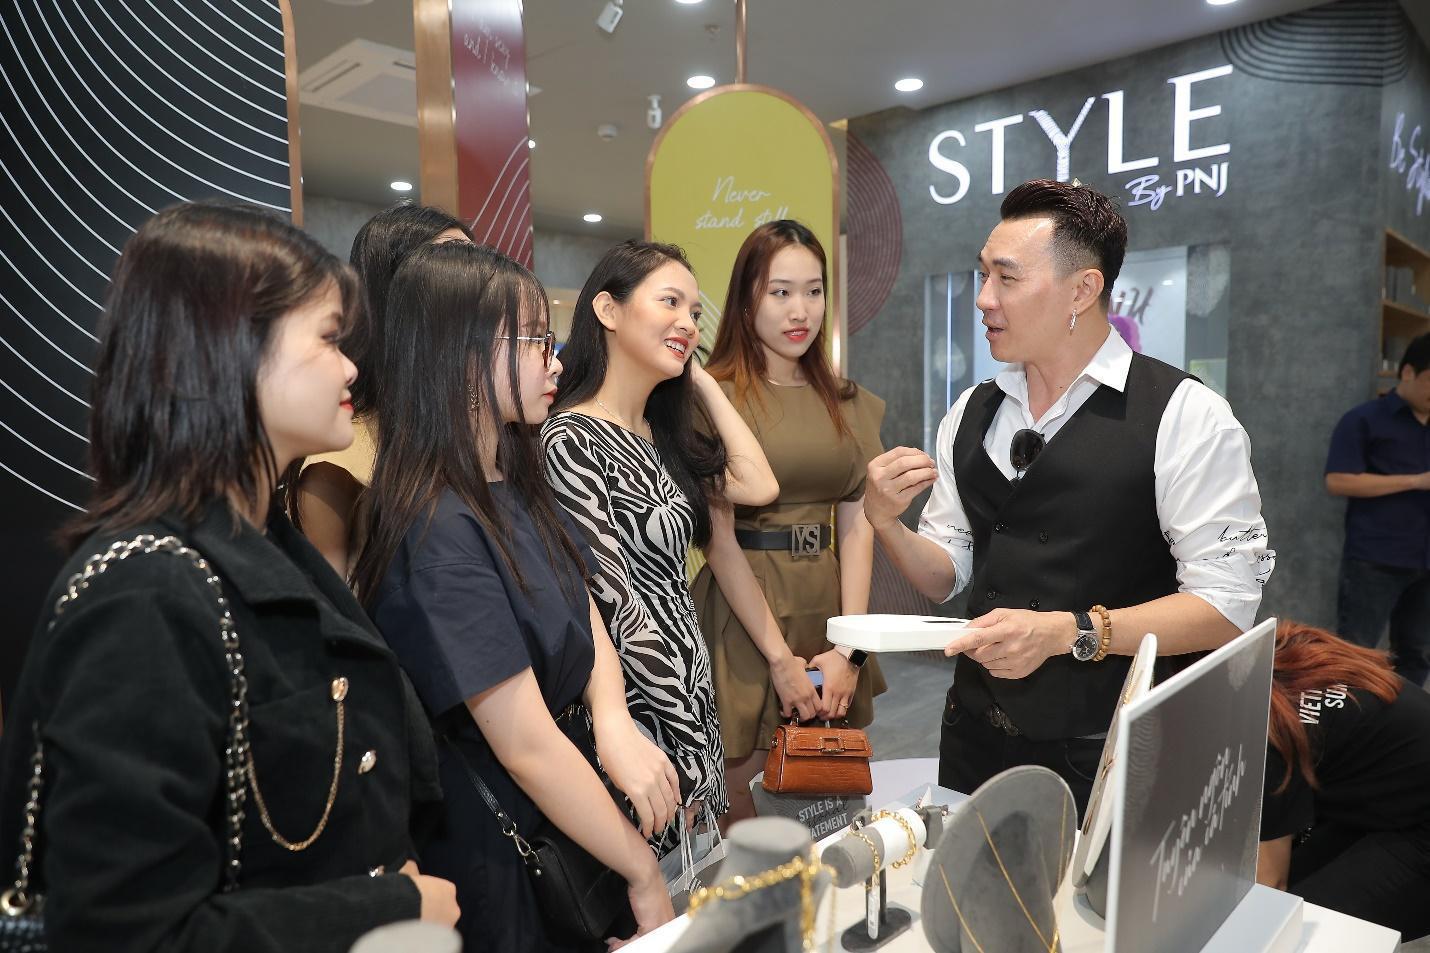 Chuyện gì đây? Giới trẻ Hà thành đồng loạt check-in STYLE by PNJ tại Hà Nội - Ảnh 3.